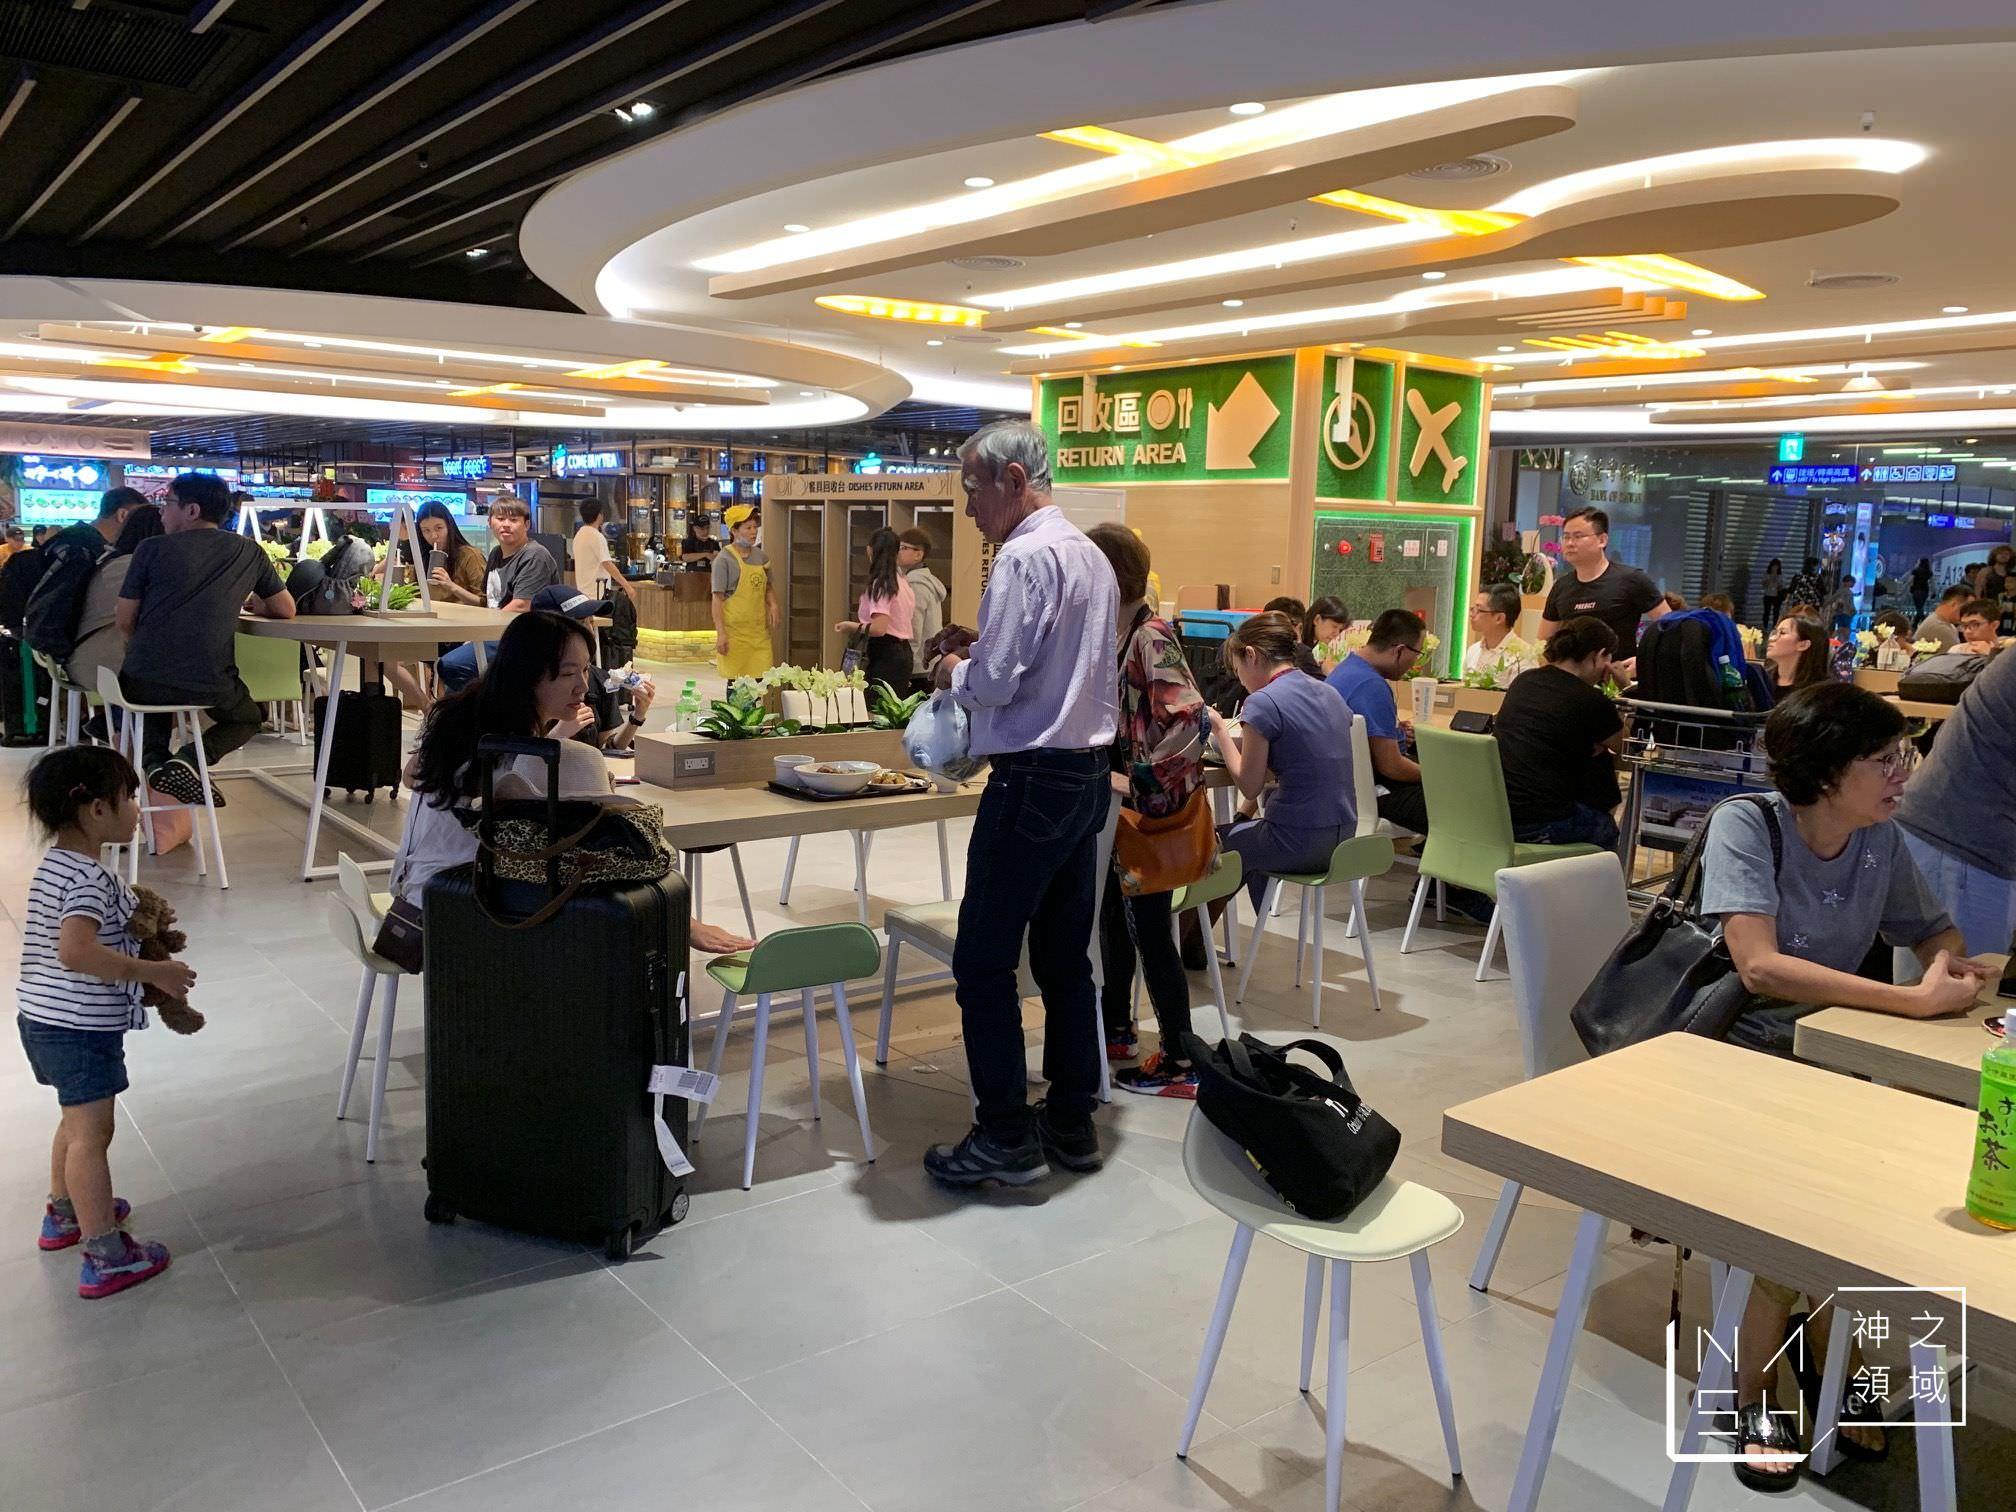 桃園機場第二航廈美食